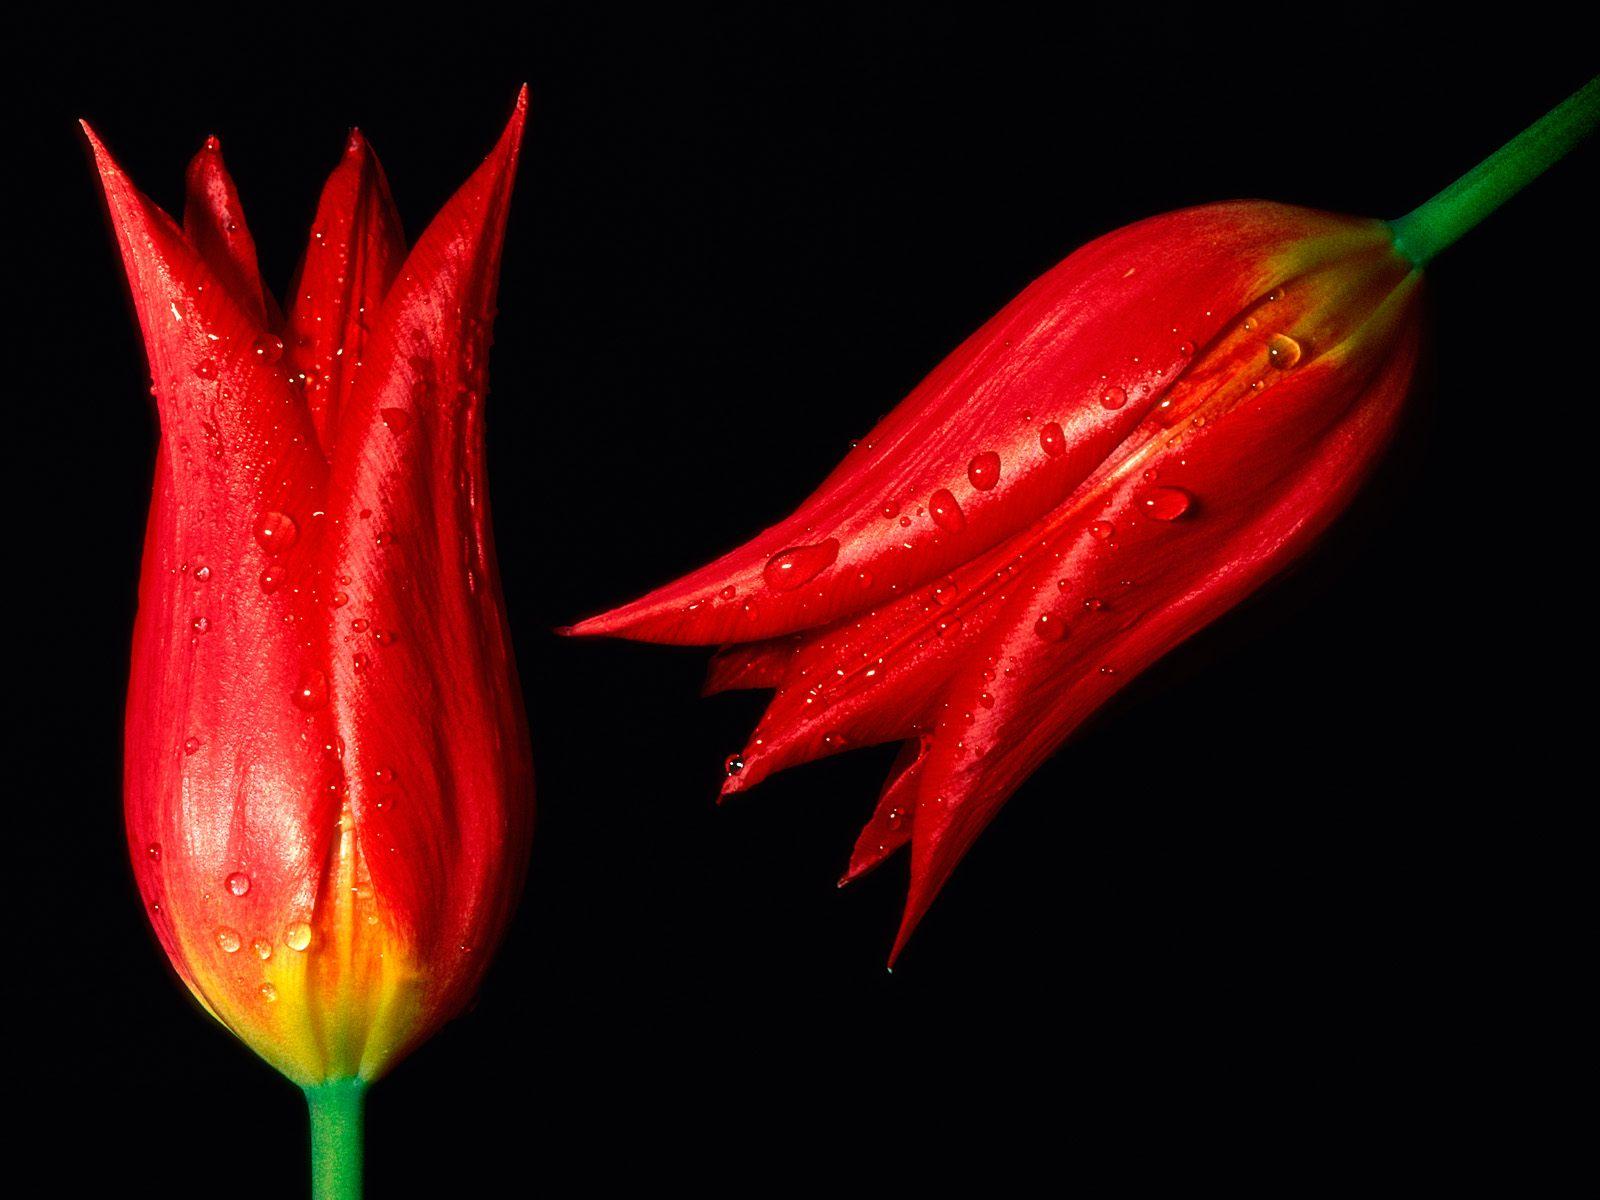 வால்பேப்பர்கள் ( flowers wallpapers ) - Page 4 Red+rose+flowers+wallpapers.jpg+%25284%2529